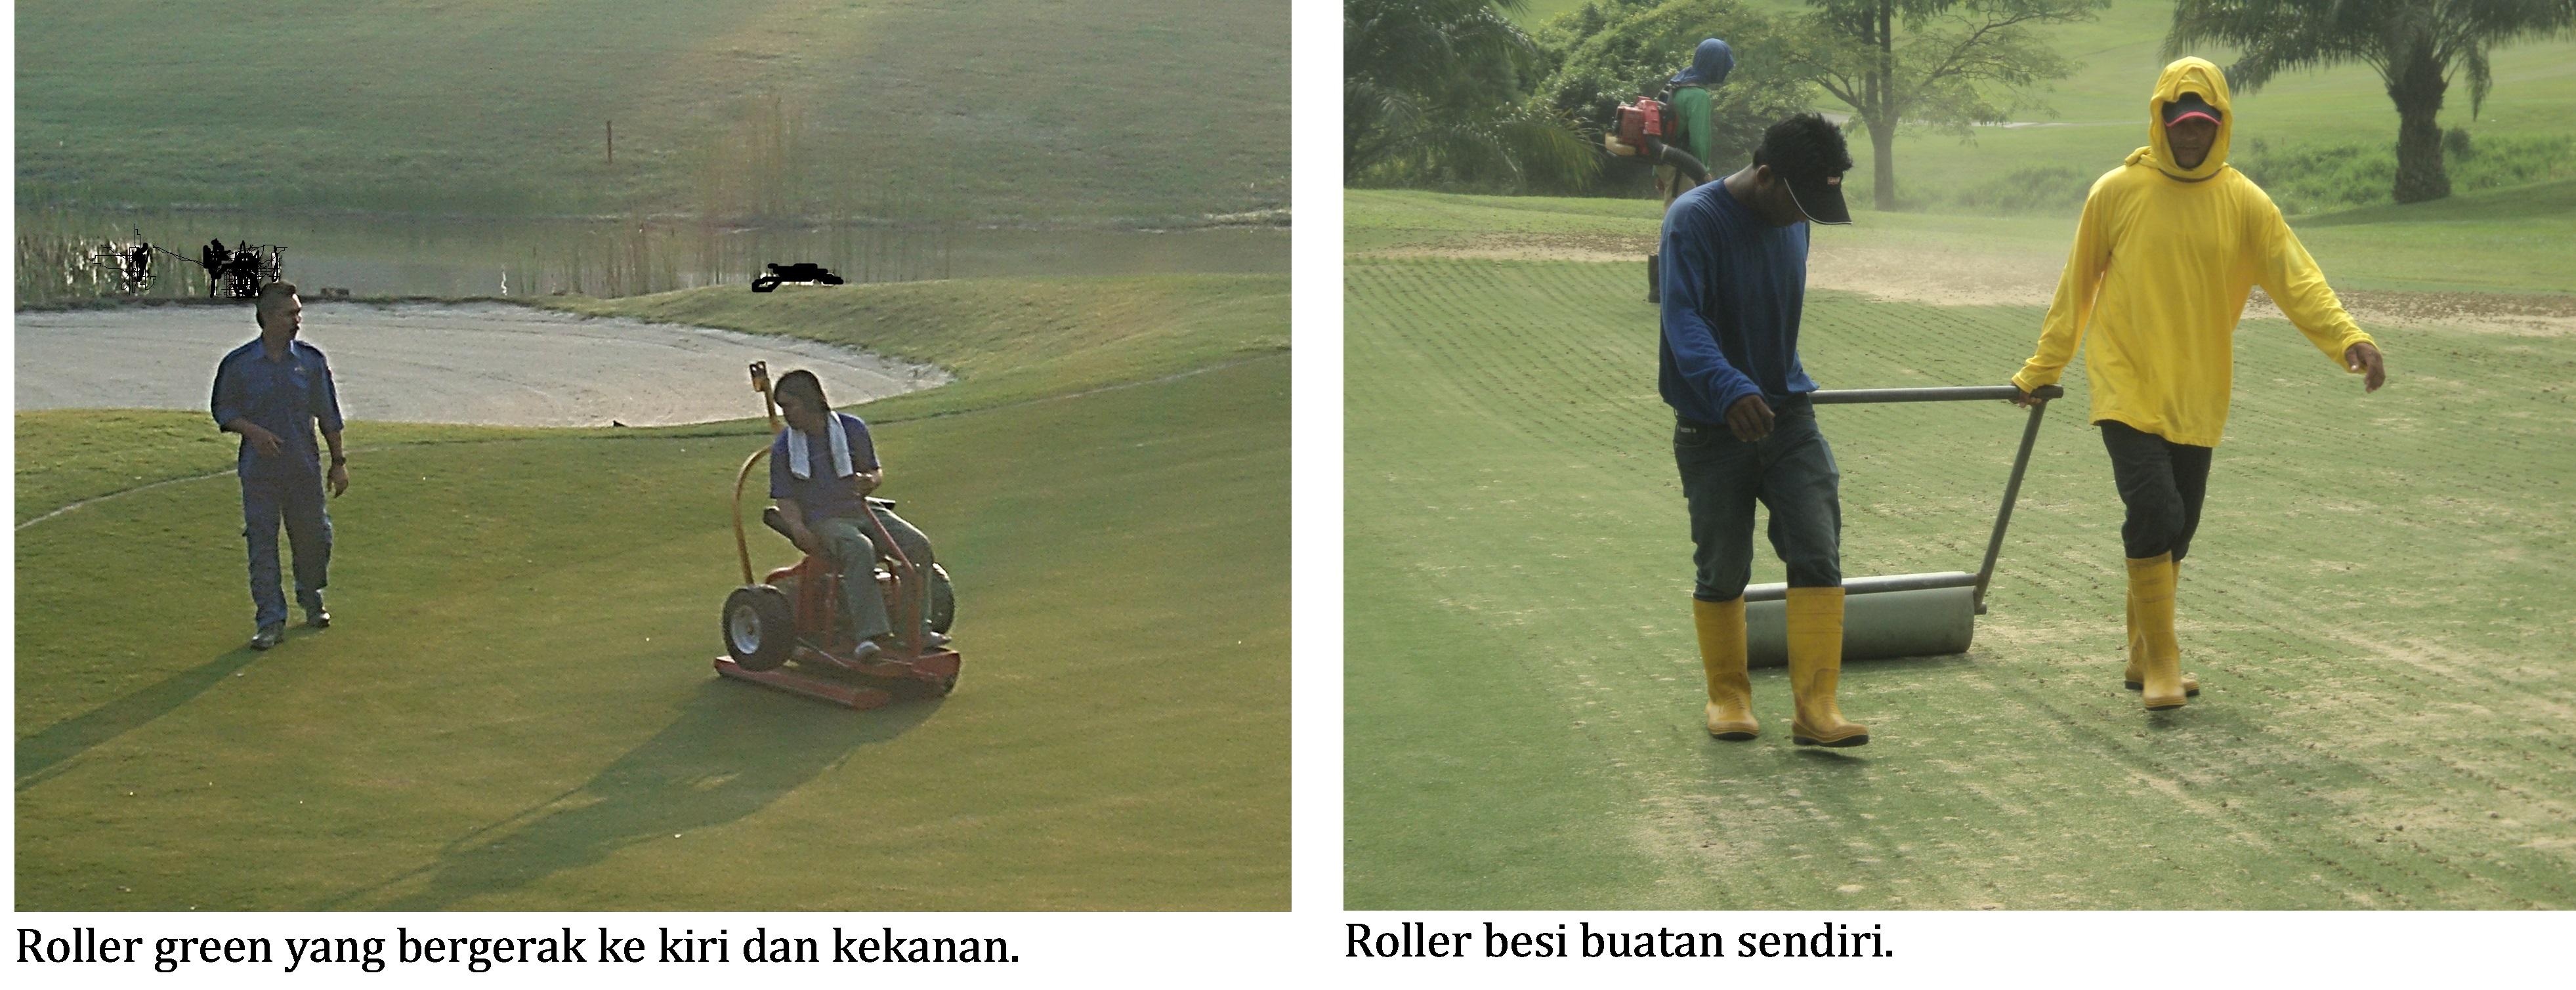 roller green